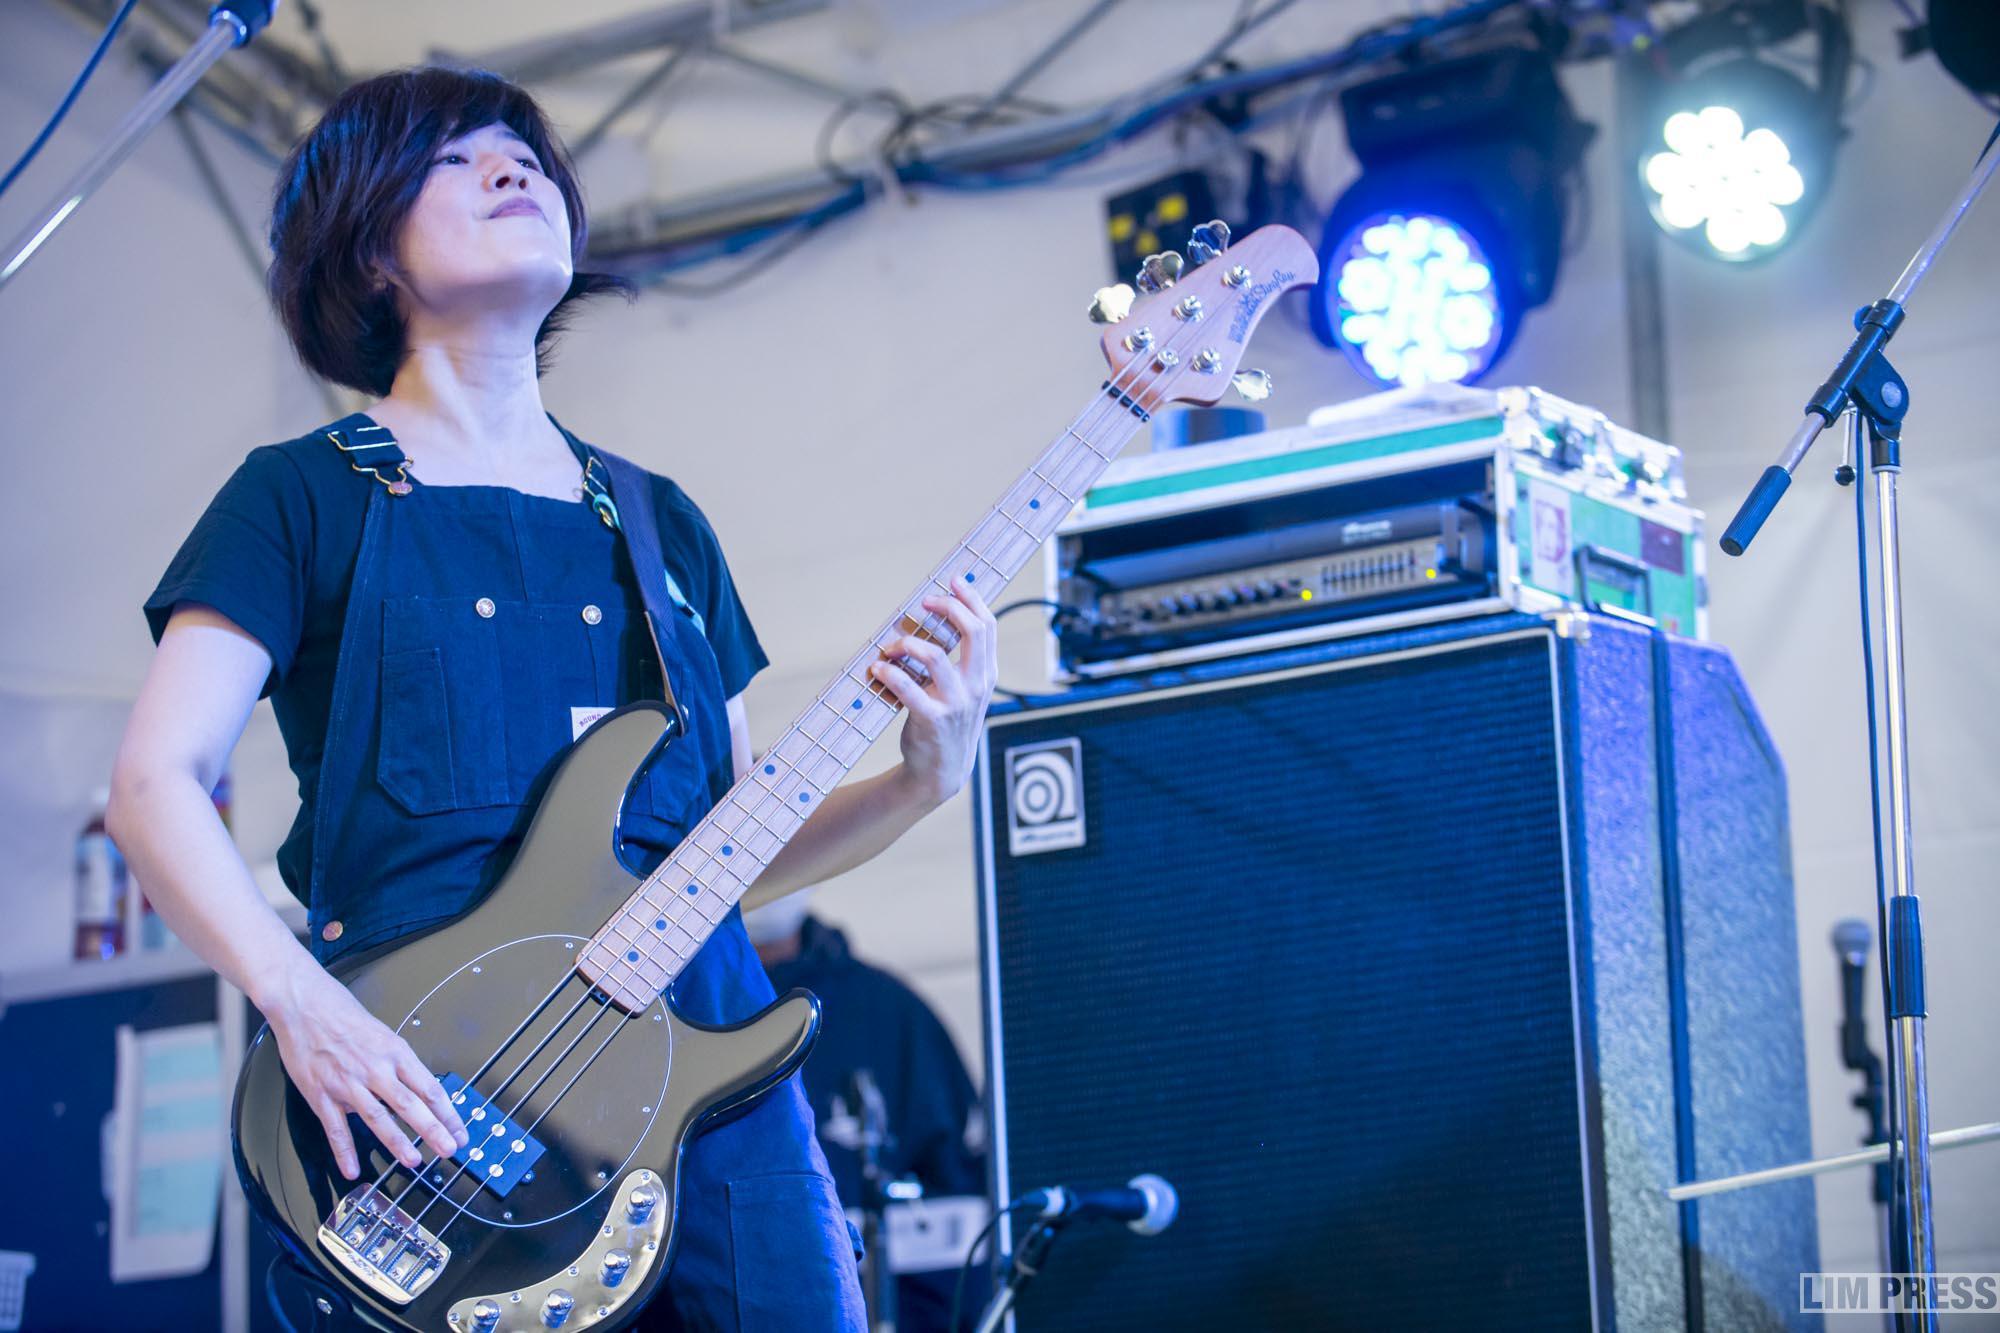 eastern youth    長野 りんご音楽祭   2020.9.28